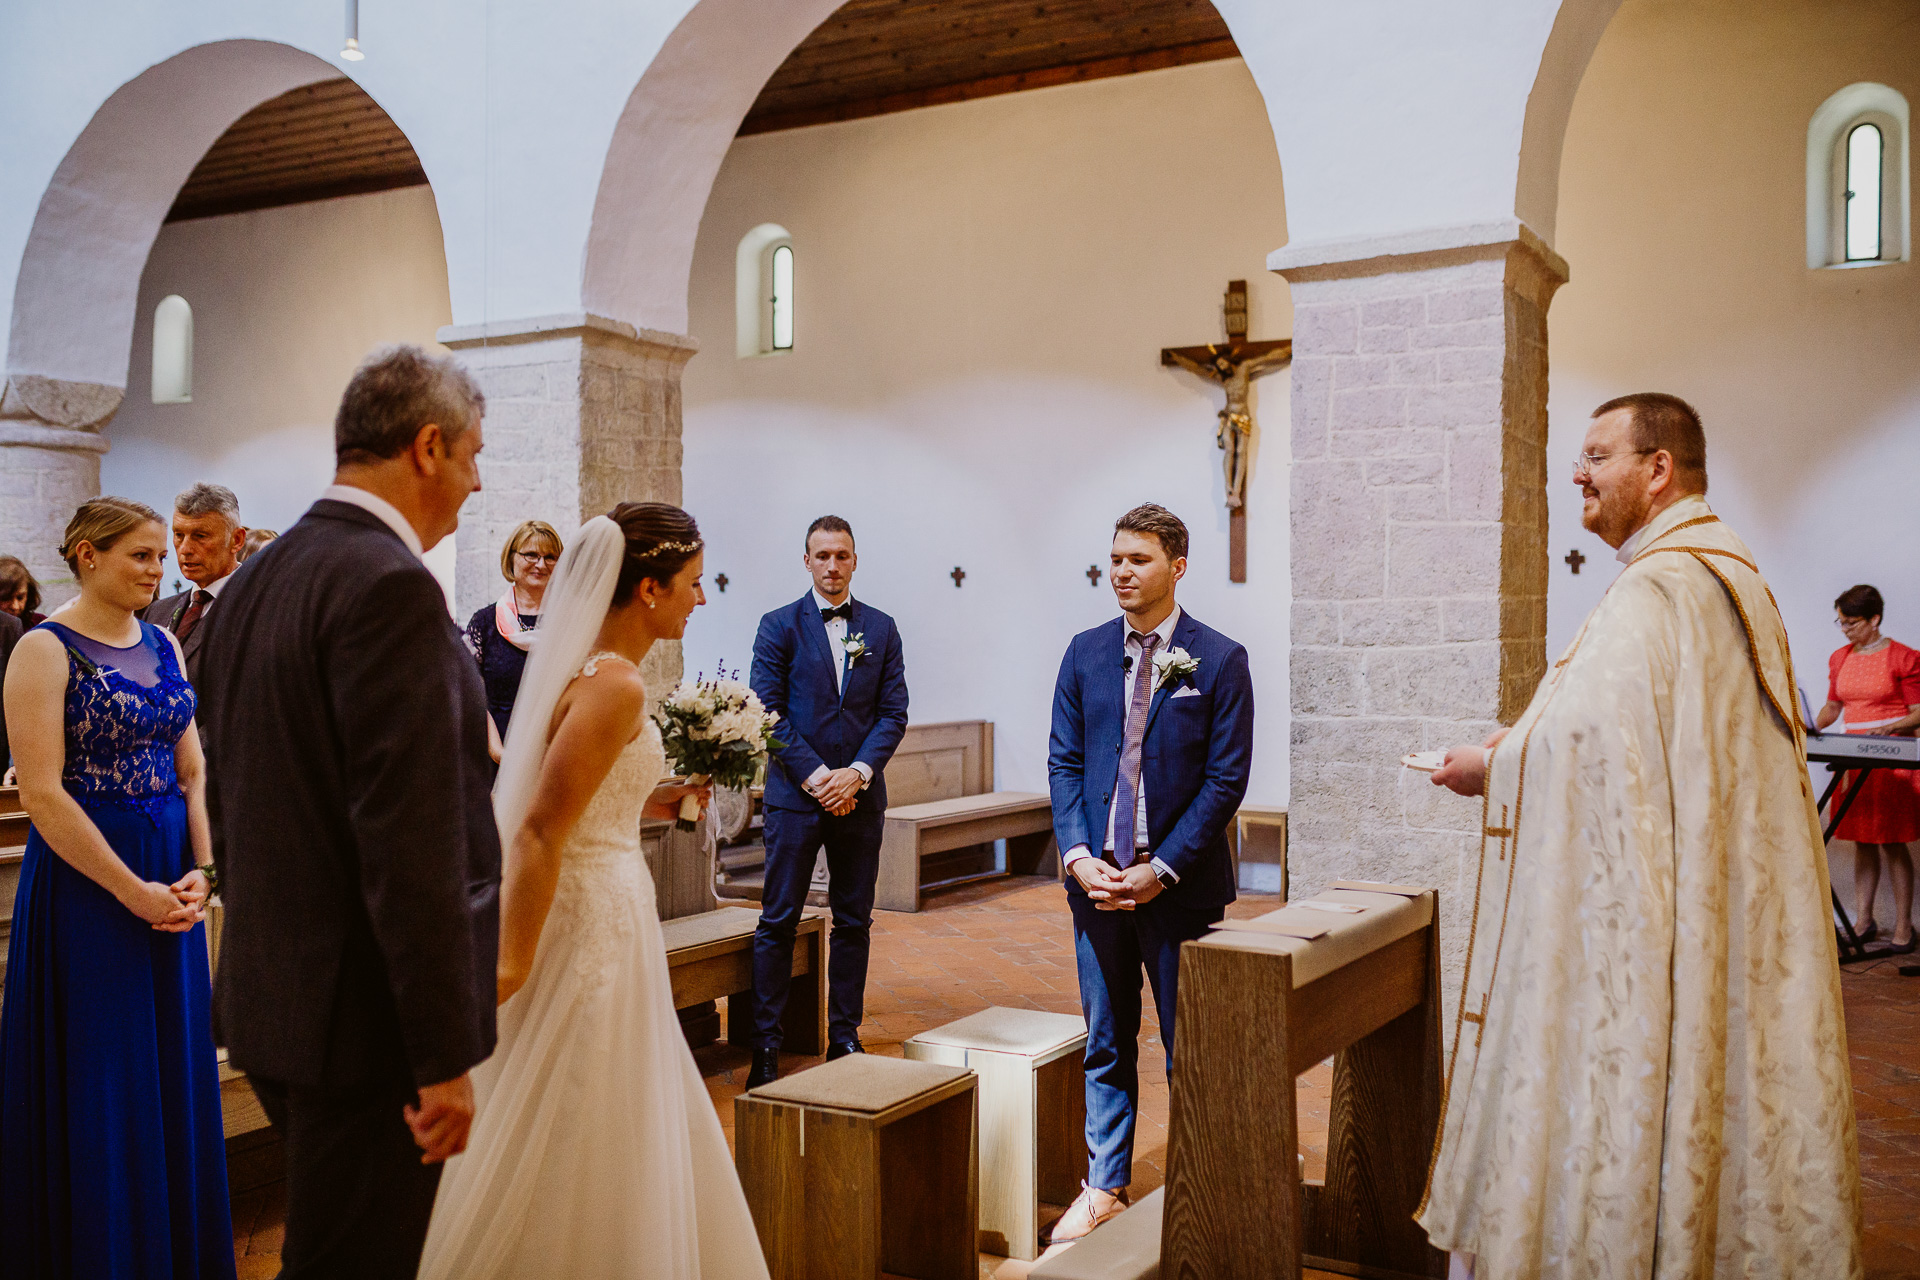 Alexander Utz, Fotografie, Hochzeit, Augsburg, Brautkleid, Brautstrauss-37